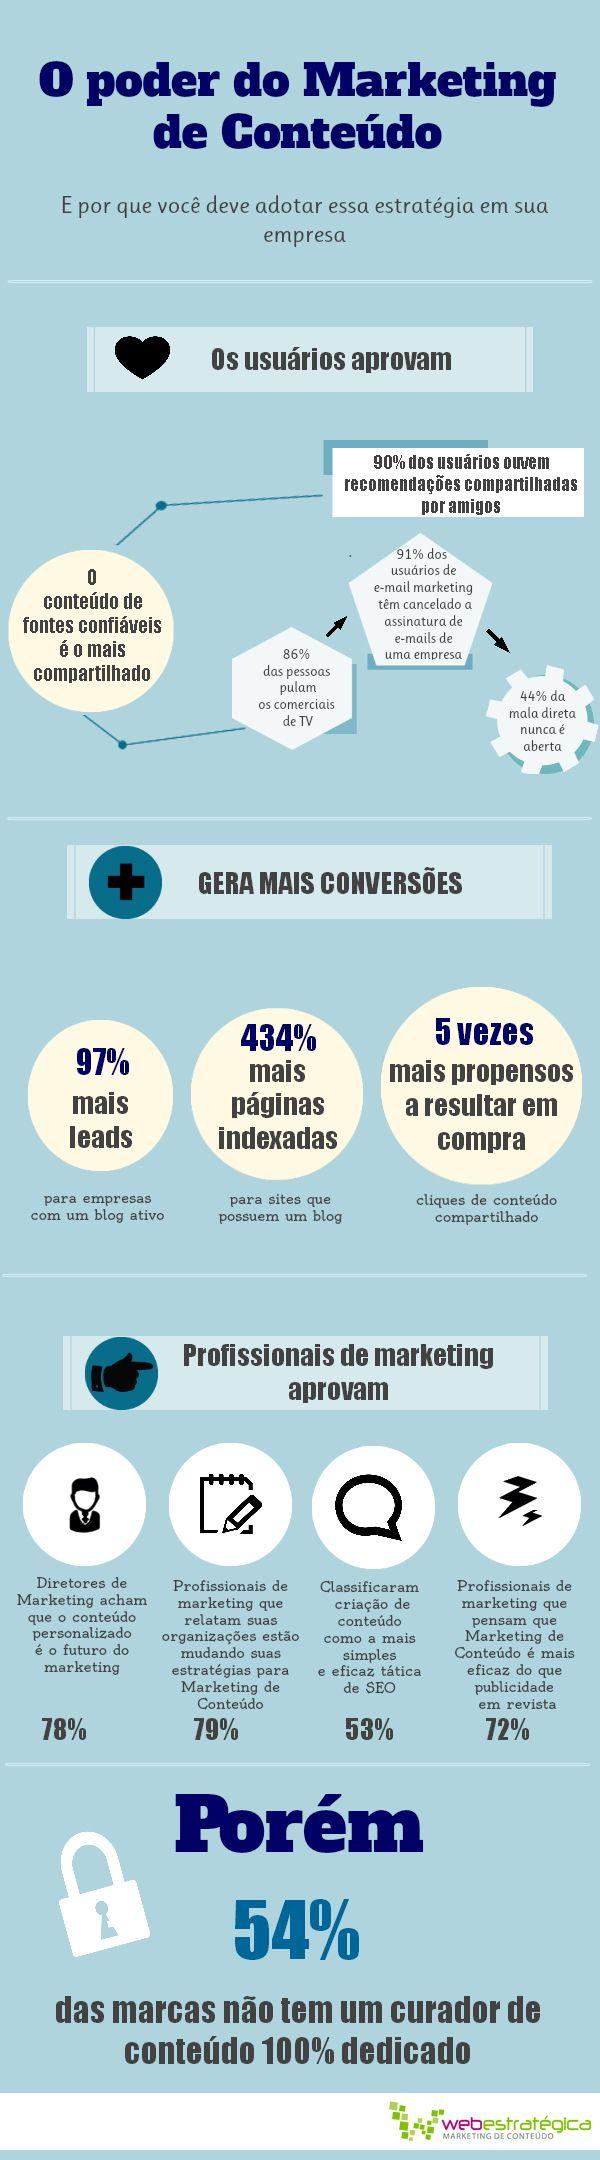 Estratégia de Conteúdo e Marketing de Conteúdo - Marketing de Conteúdo